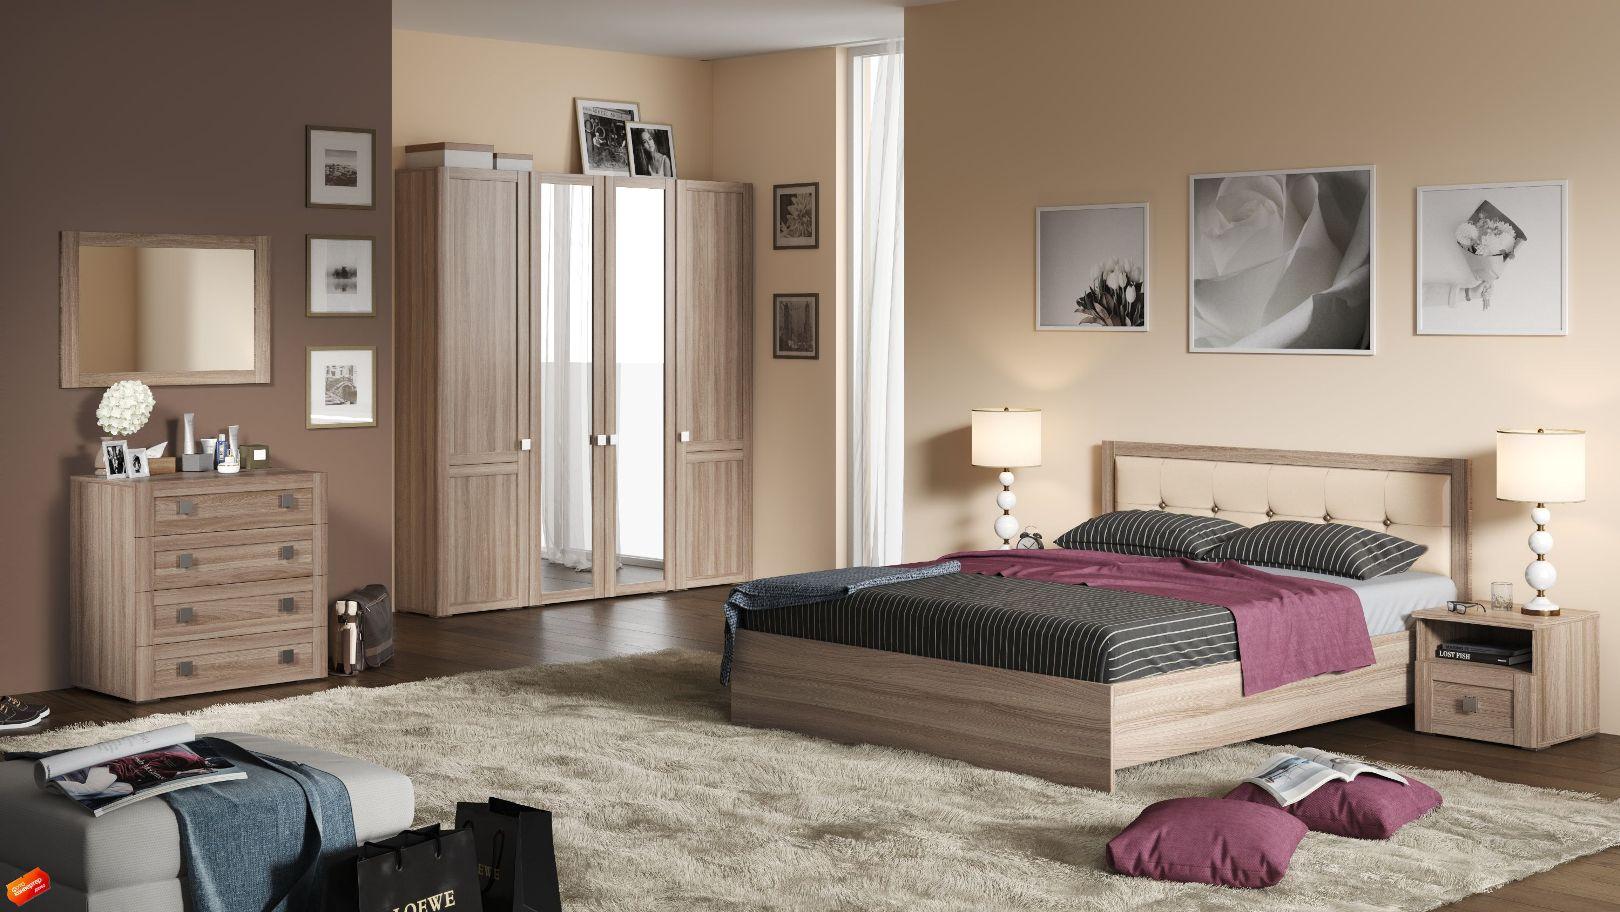 Модульная спальня Корсика Композиция-2 модульная спальня вегас 2